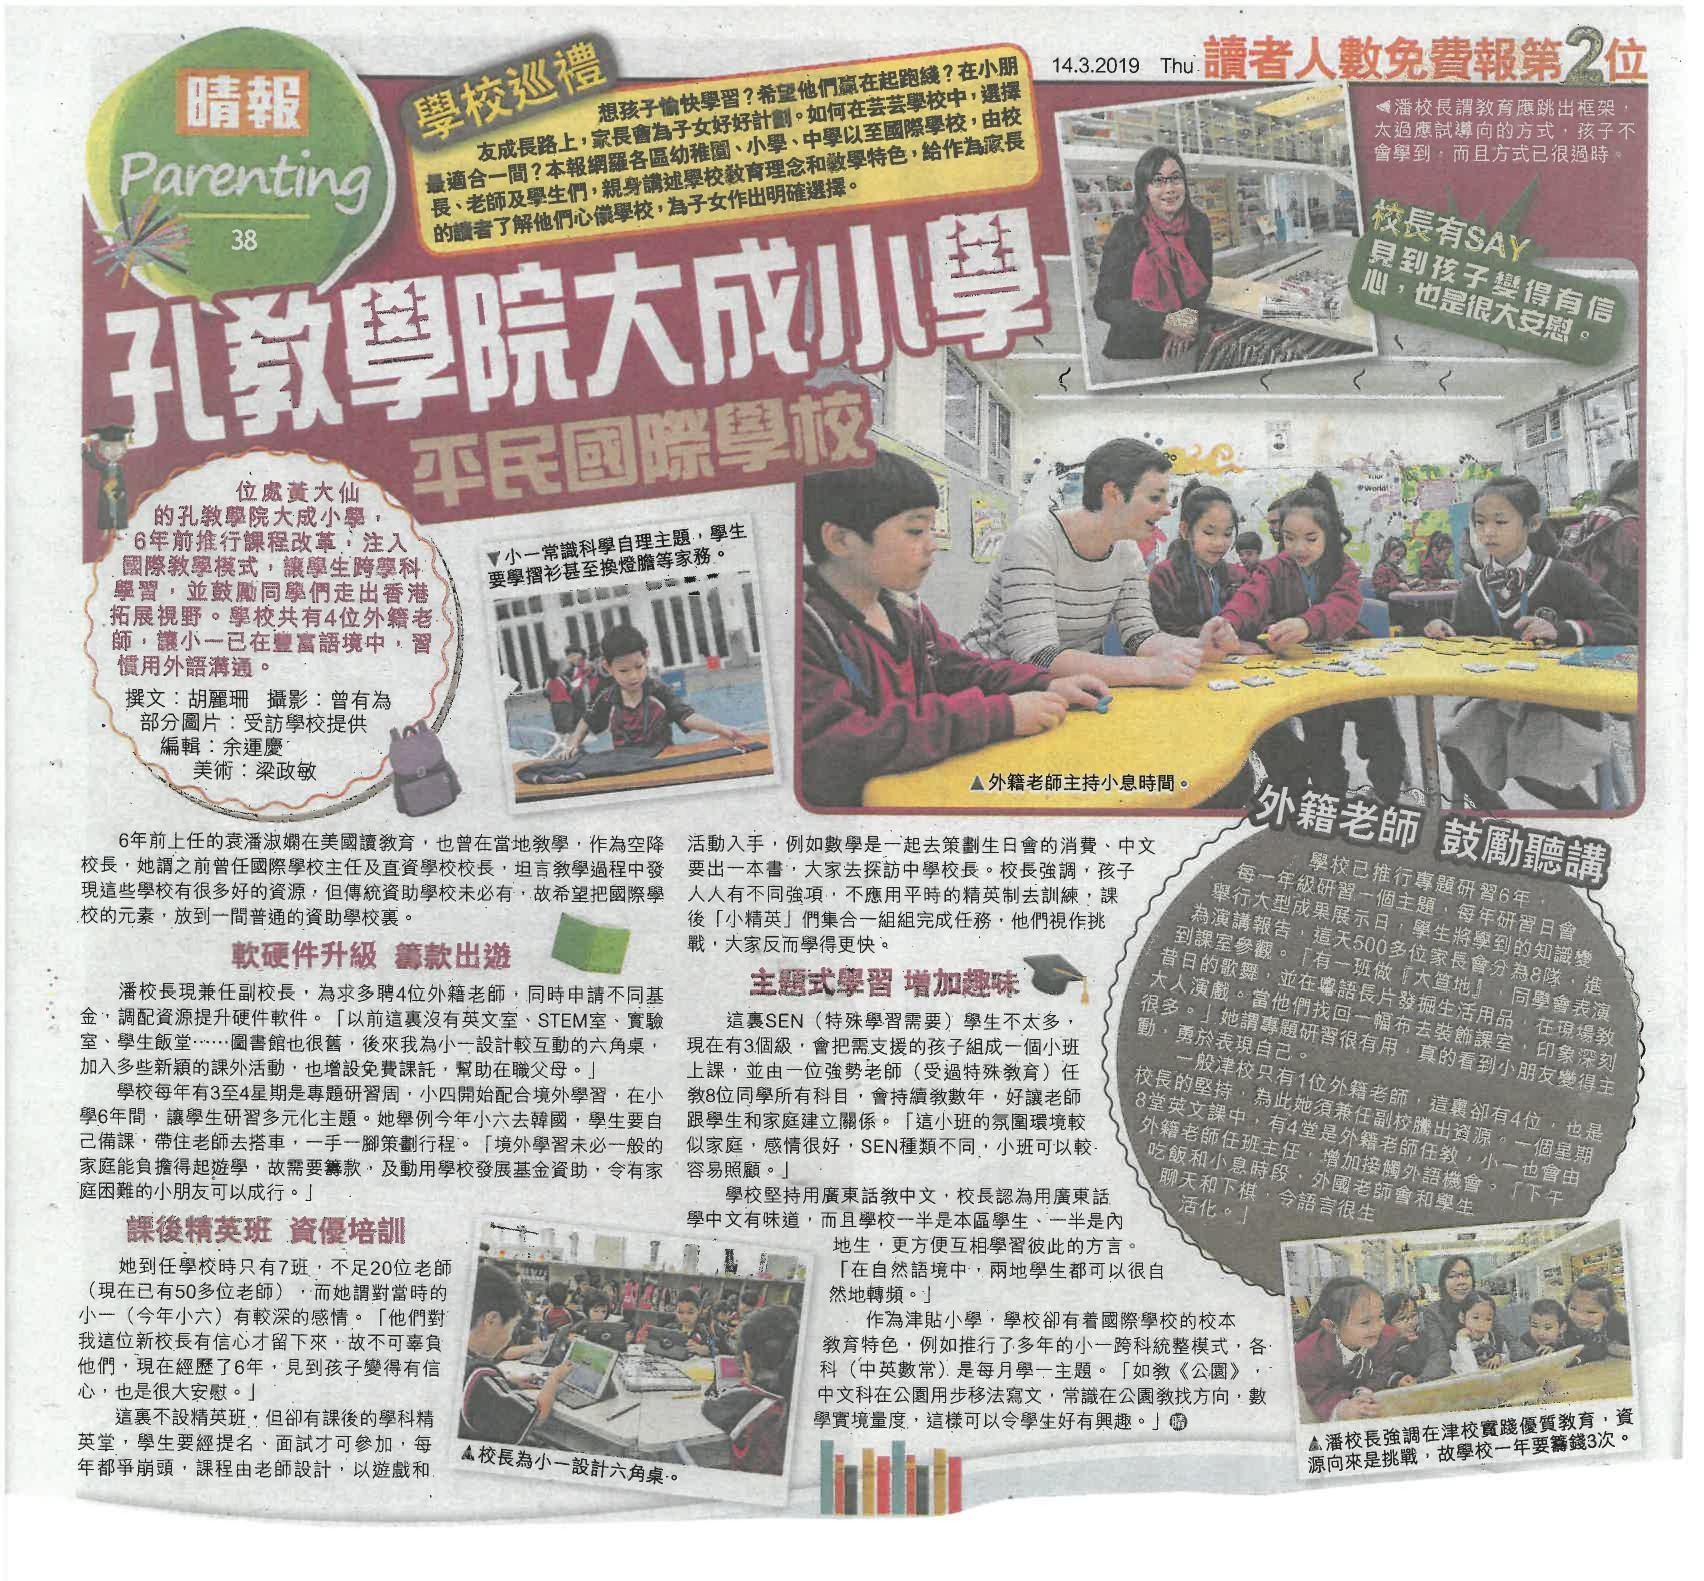 晴報 - 學校專訪